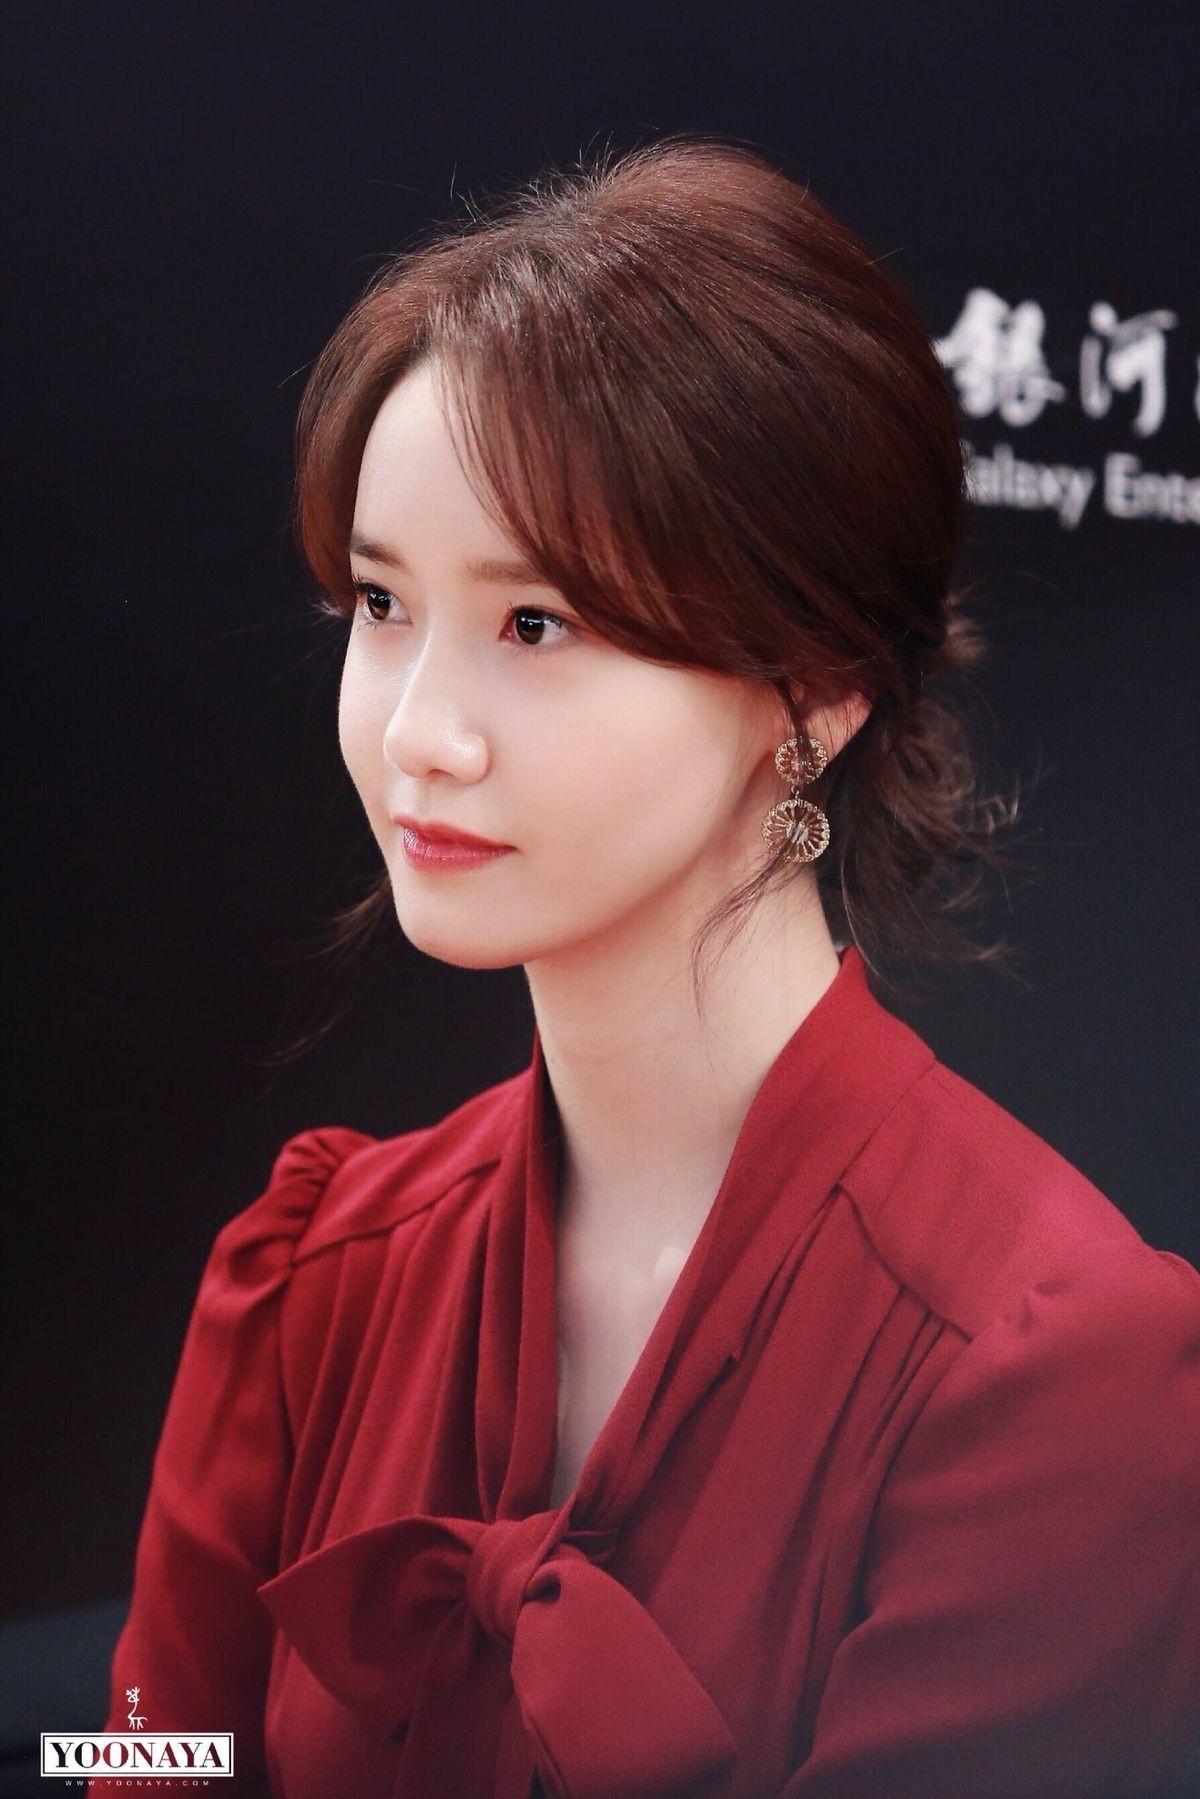 Bị chê có quá nhiều khuyết điểm, Yoona chứng minh: Vẻ đẹp vạn người mê nằm ở khí chất! - Ảnh 11.